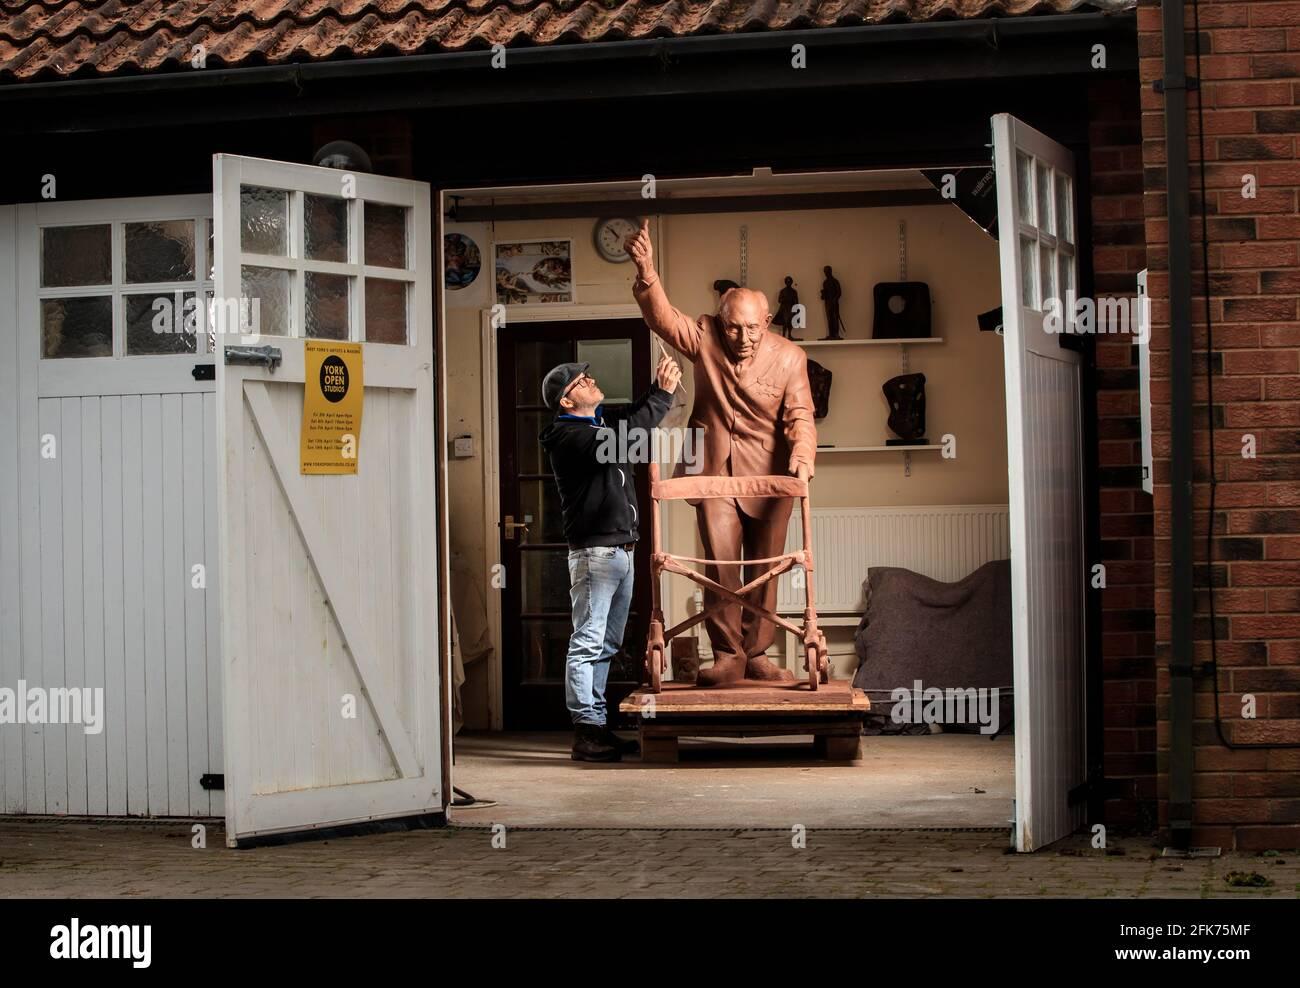 Andrian Melka verleiht seiner zwei Meter hohen Tonstatue von Captain Sir Tom Moore in seinem Atelier in der Nähe von York den letzten Schliff. Der Bildhauer ist Crowdfunding, um die Arbeit in Bronze gießen zu lassen, damit er sie dem Leeds Teaching Hospitals NHS Trust spenden kann. Bilddatum: Mittwoch, 28. April 2021. Stockfoto